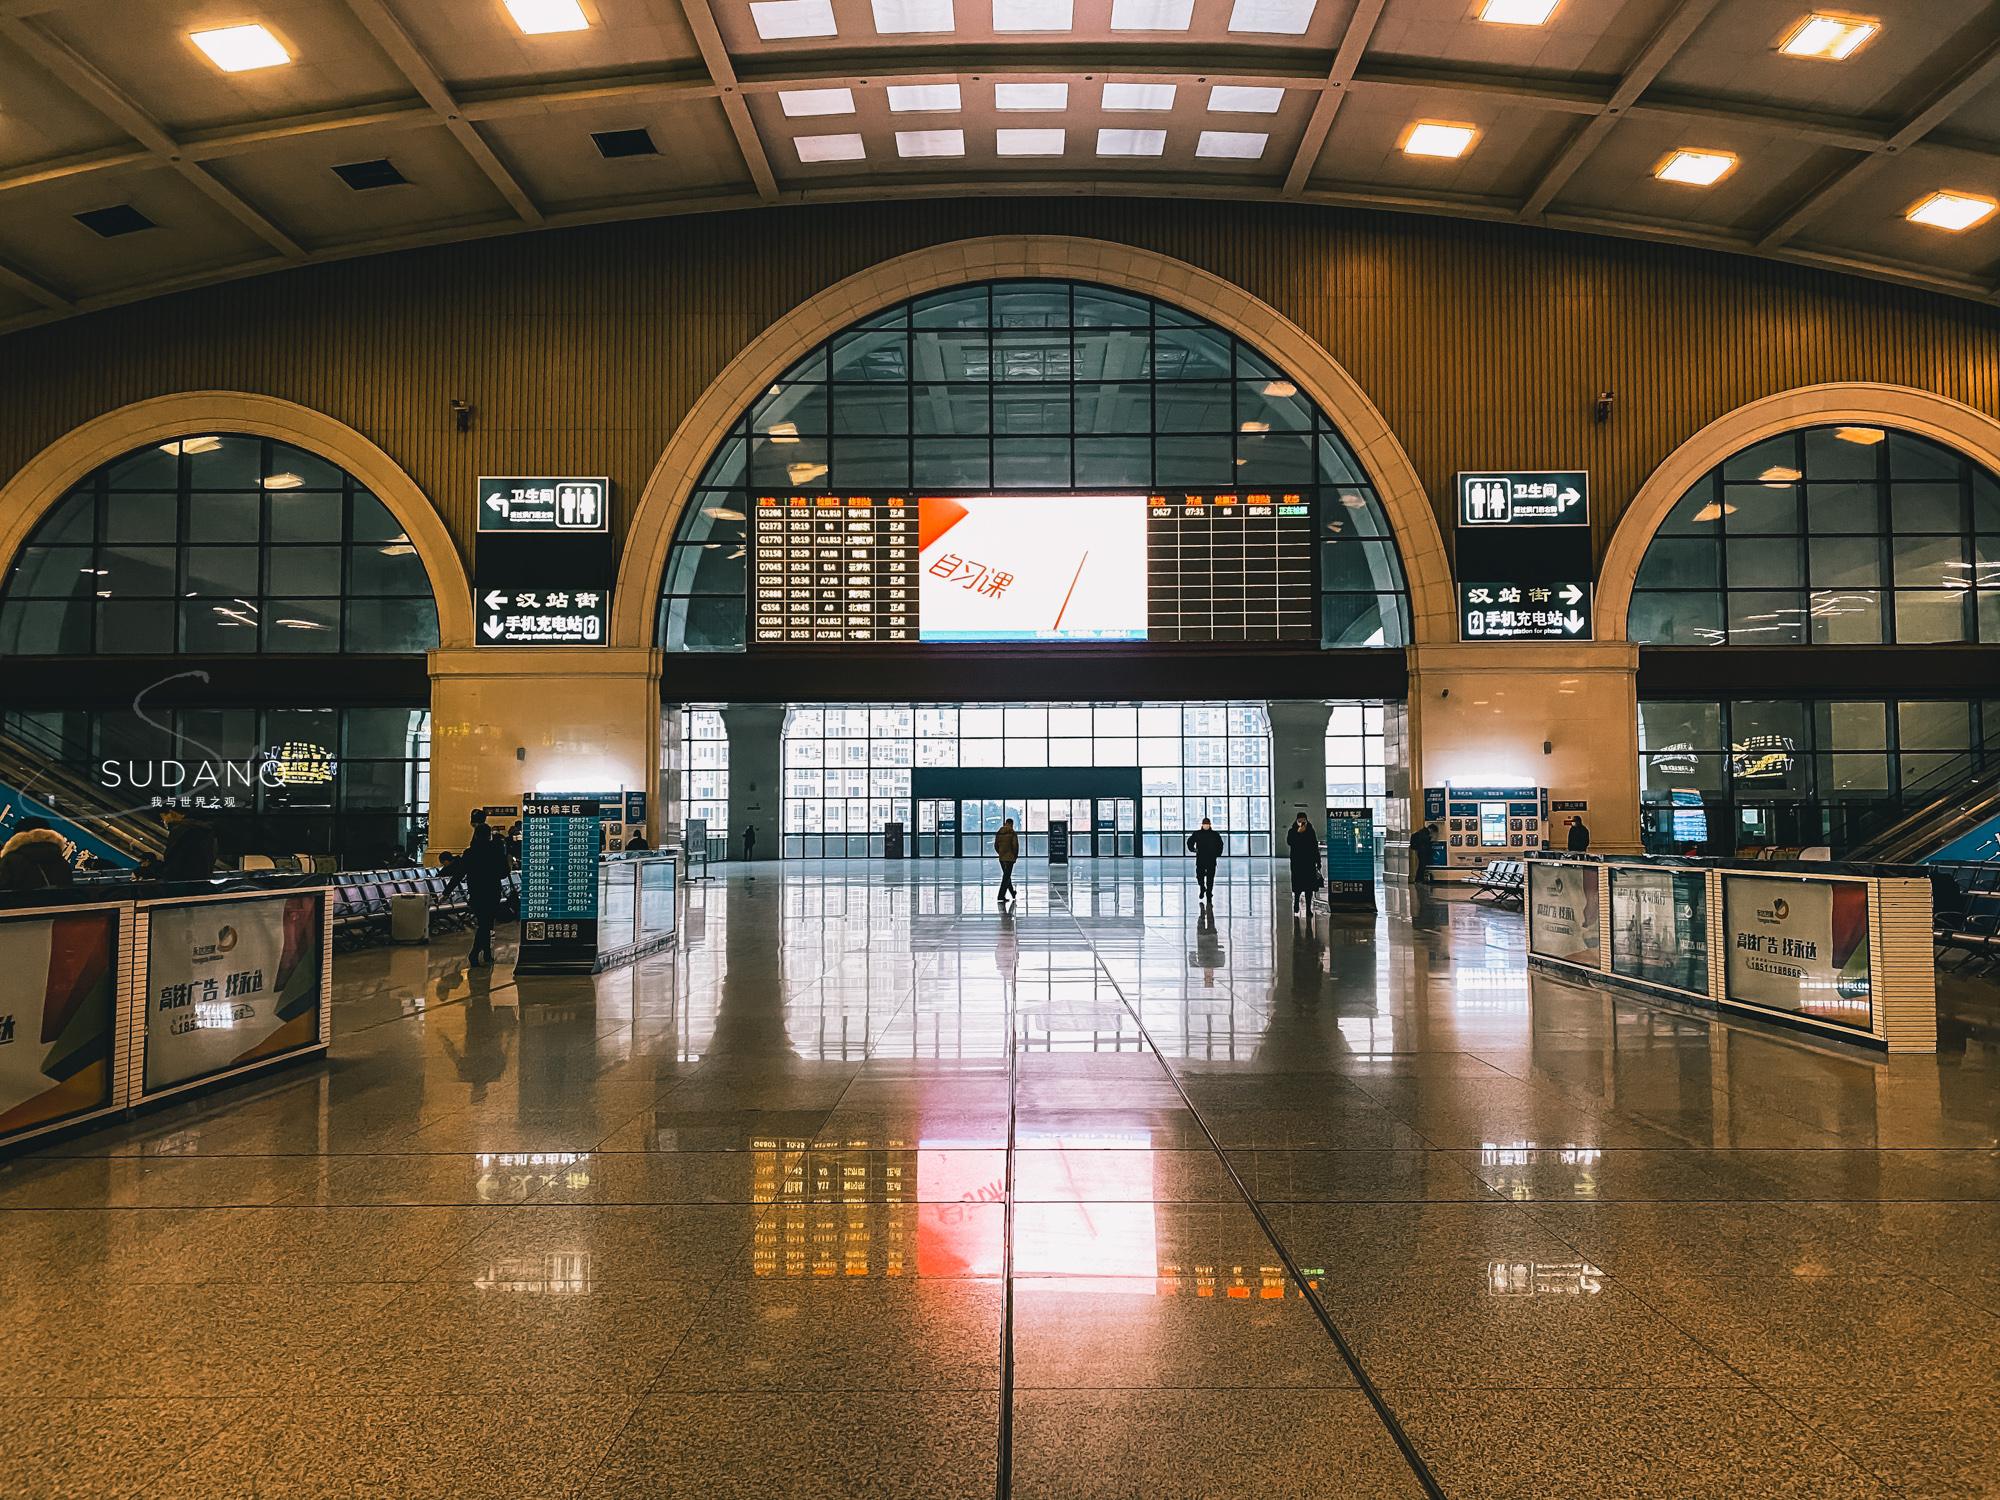 汉口站:中国最大的欧式火车站,武汉三大特等站之一